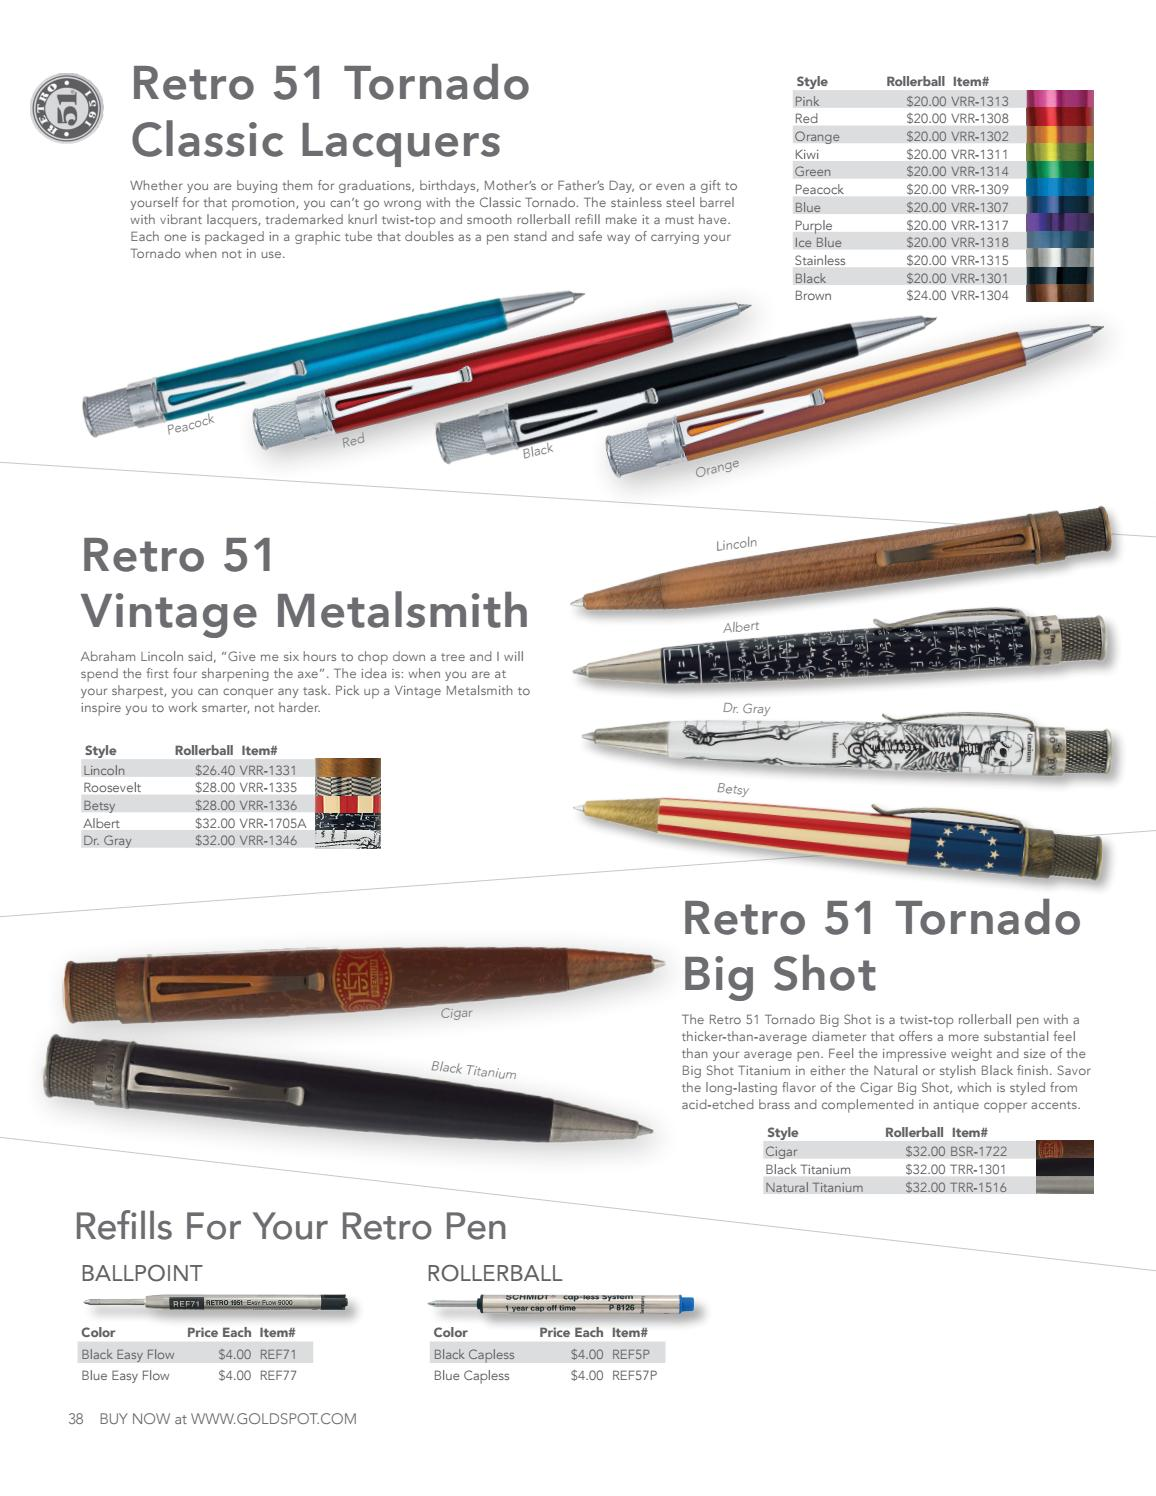 Vintage Metalsmith NEW VRR-1705A Retro 51 Tornado Albert Rollerball Pen